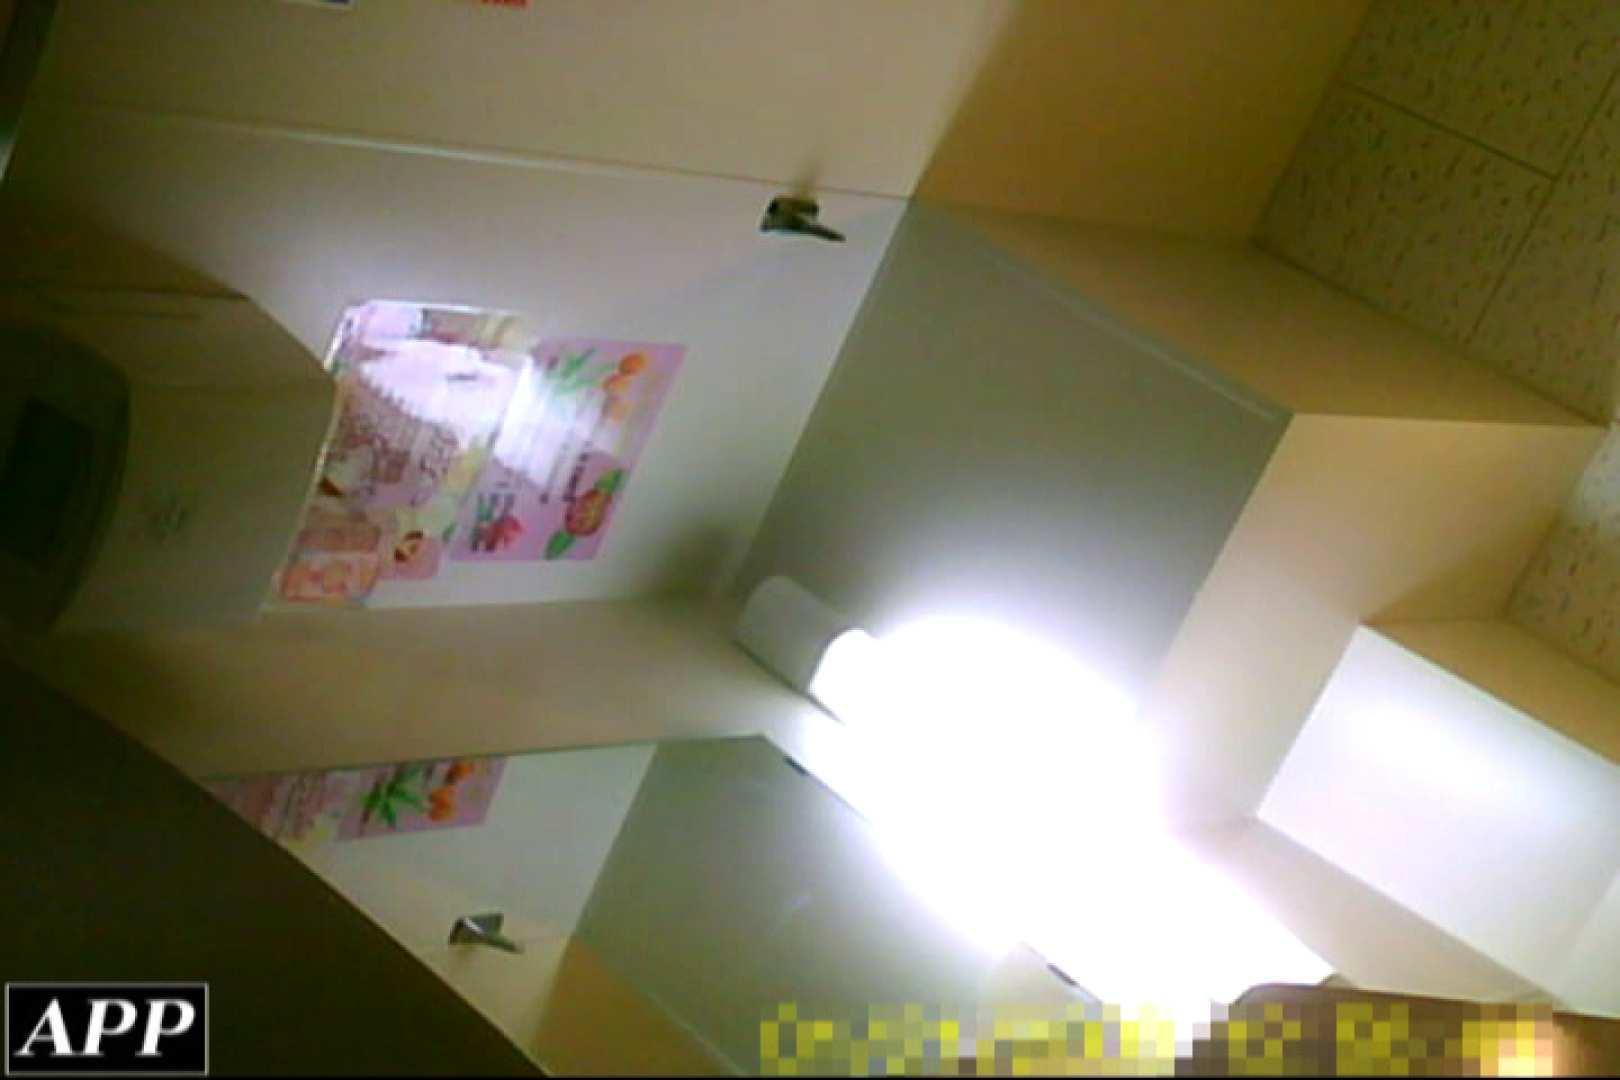 3視点洗面所 vol.107 洗面所 盗撮アダルト動画キャプチャ 100pic 82